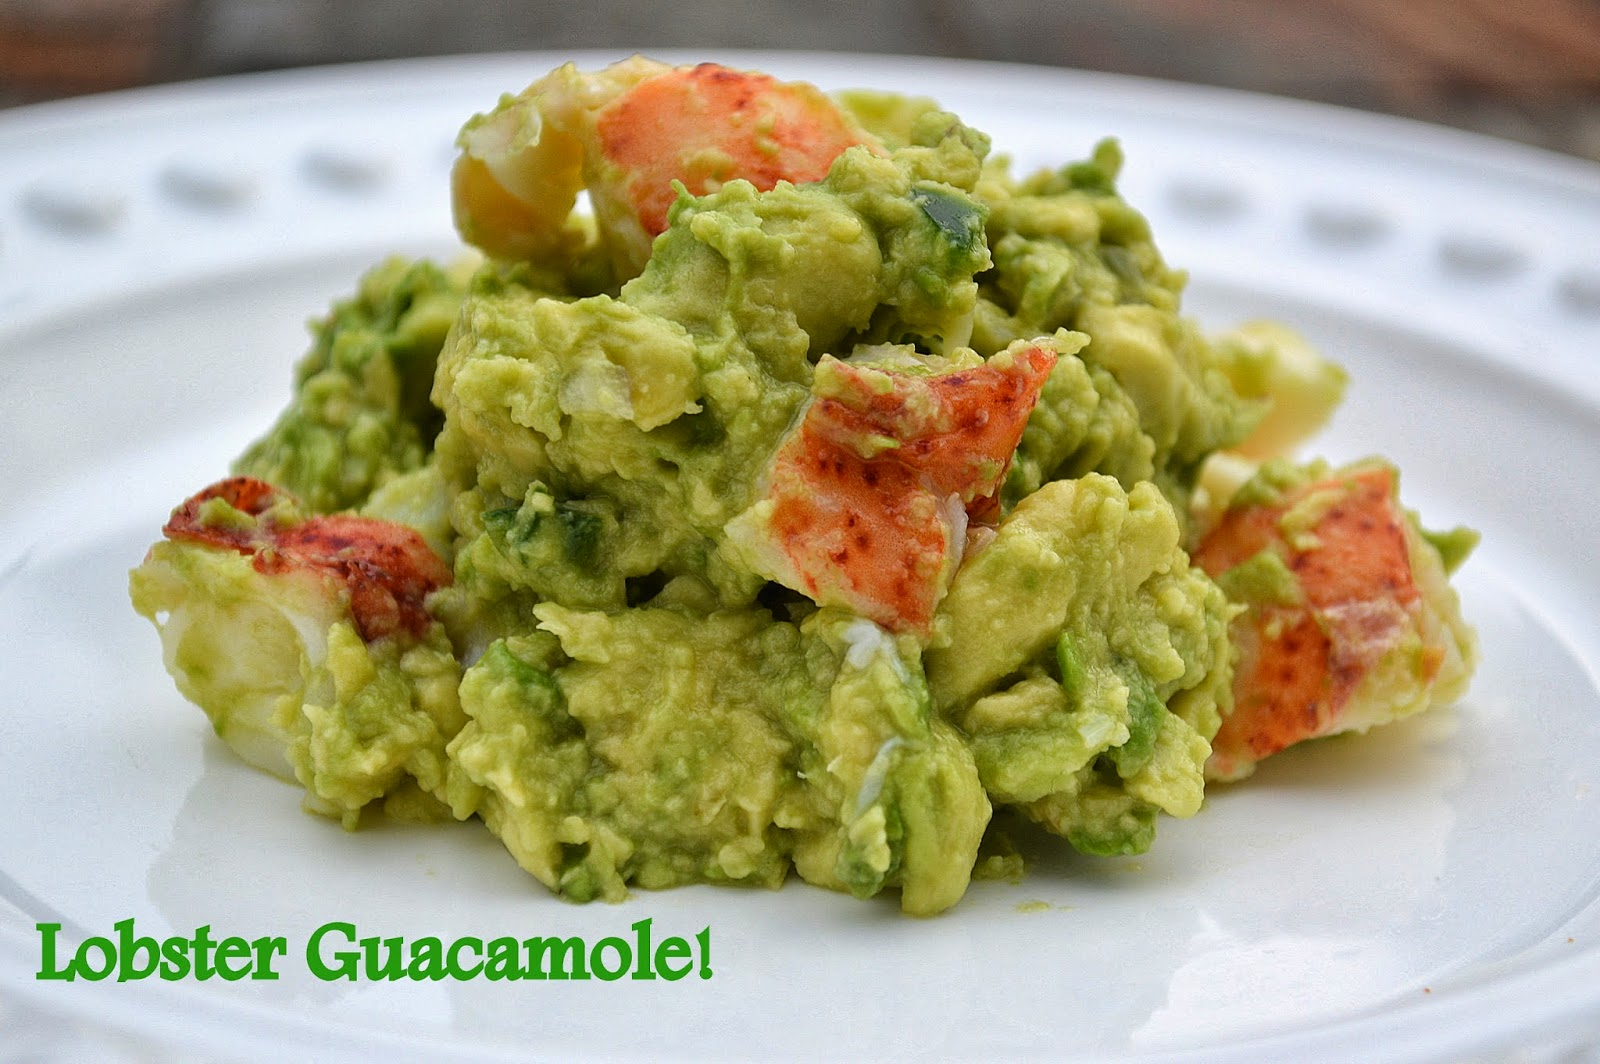 Lobster Guacamole - Souffle Bombay